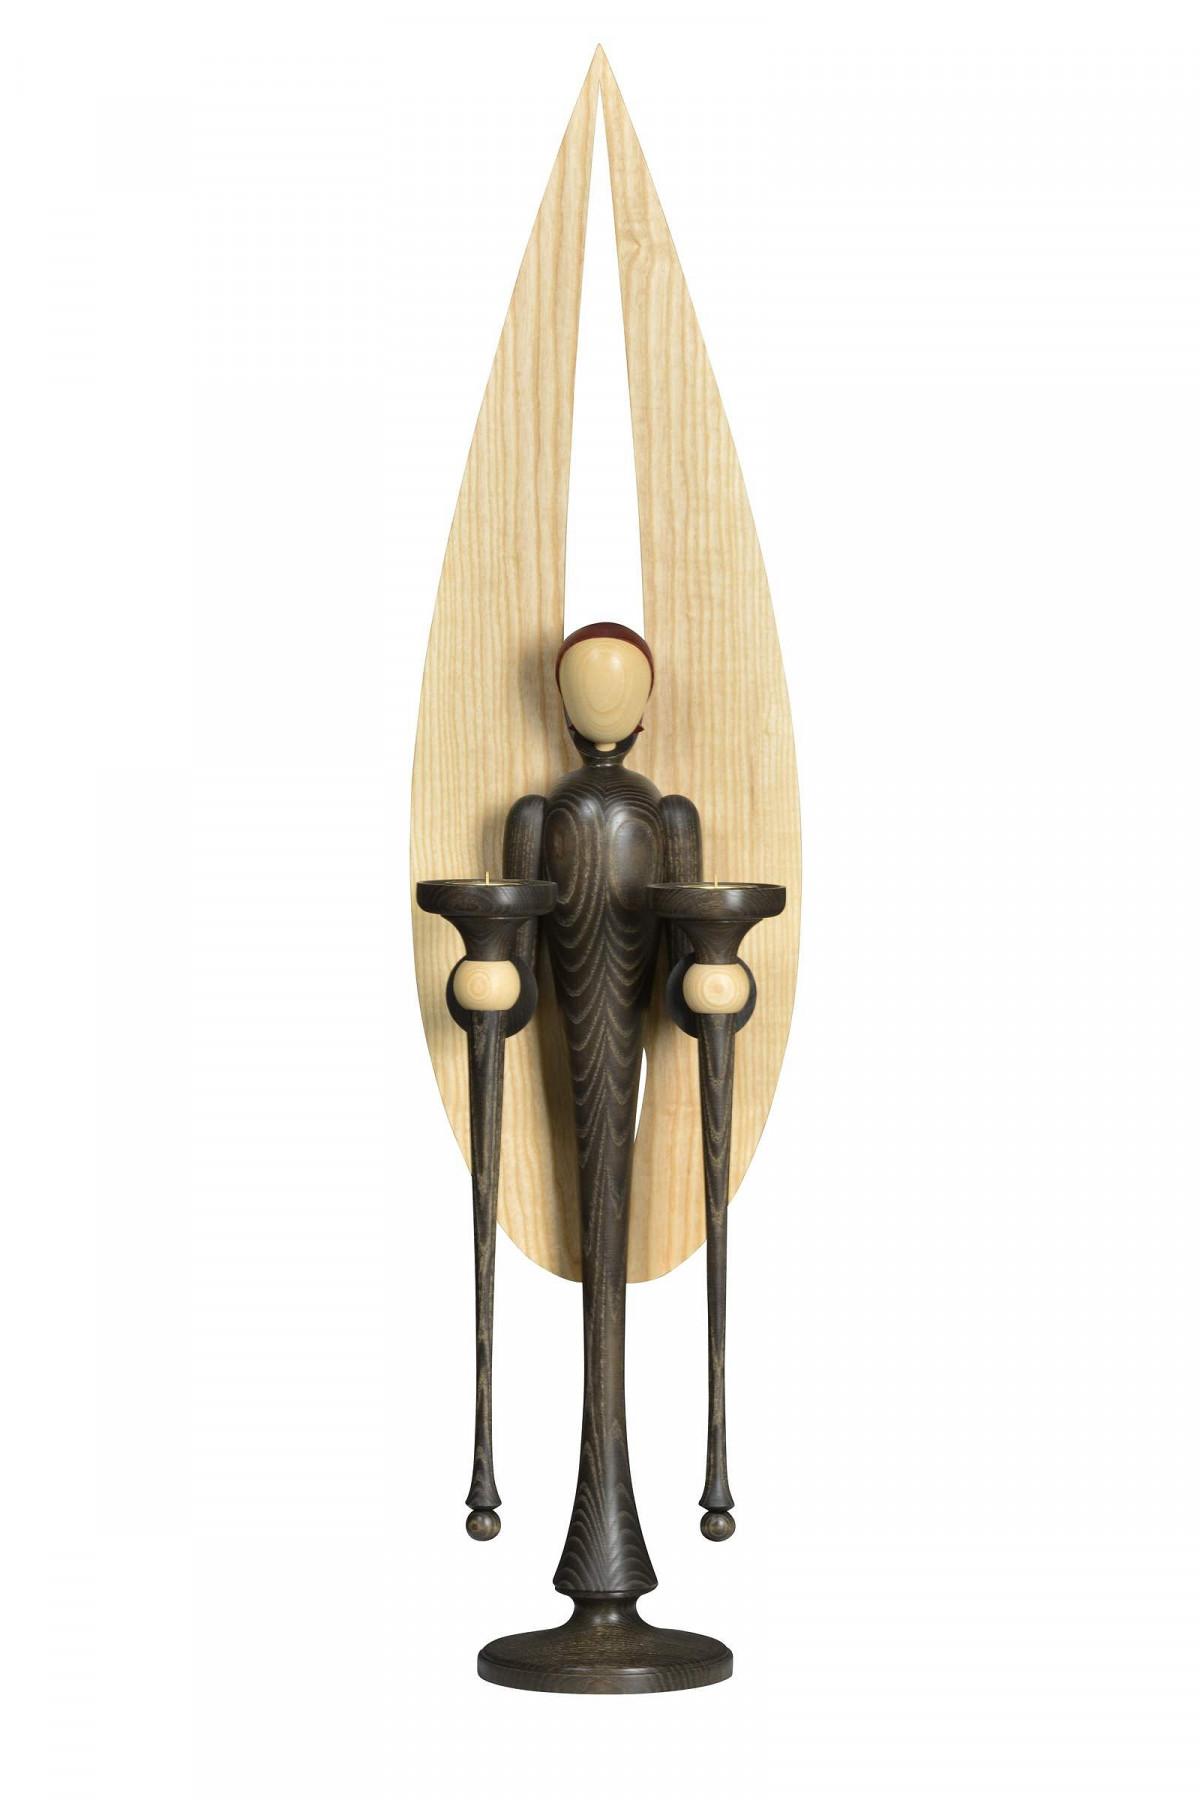 moderner deko engel 106 cm erzgebirgskunst drechsel. Black Bedroom Furniture Sets. Home Design Ideas